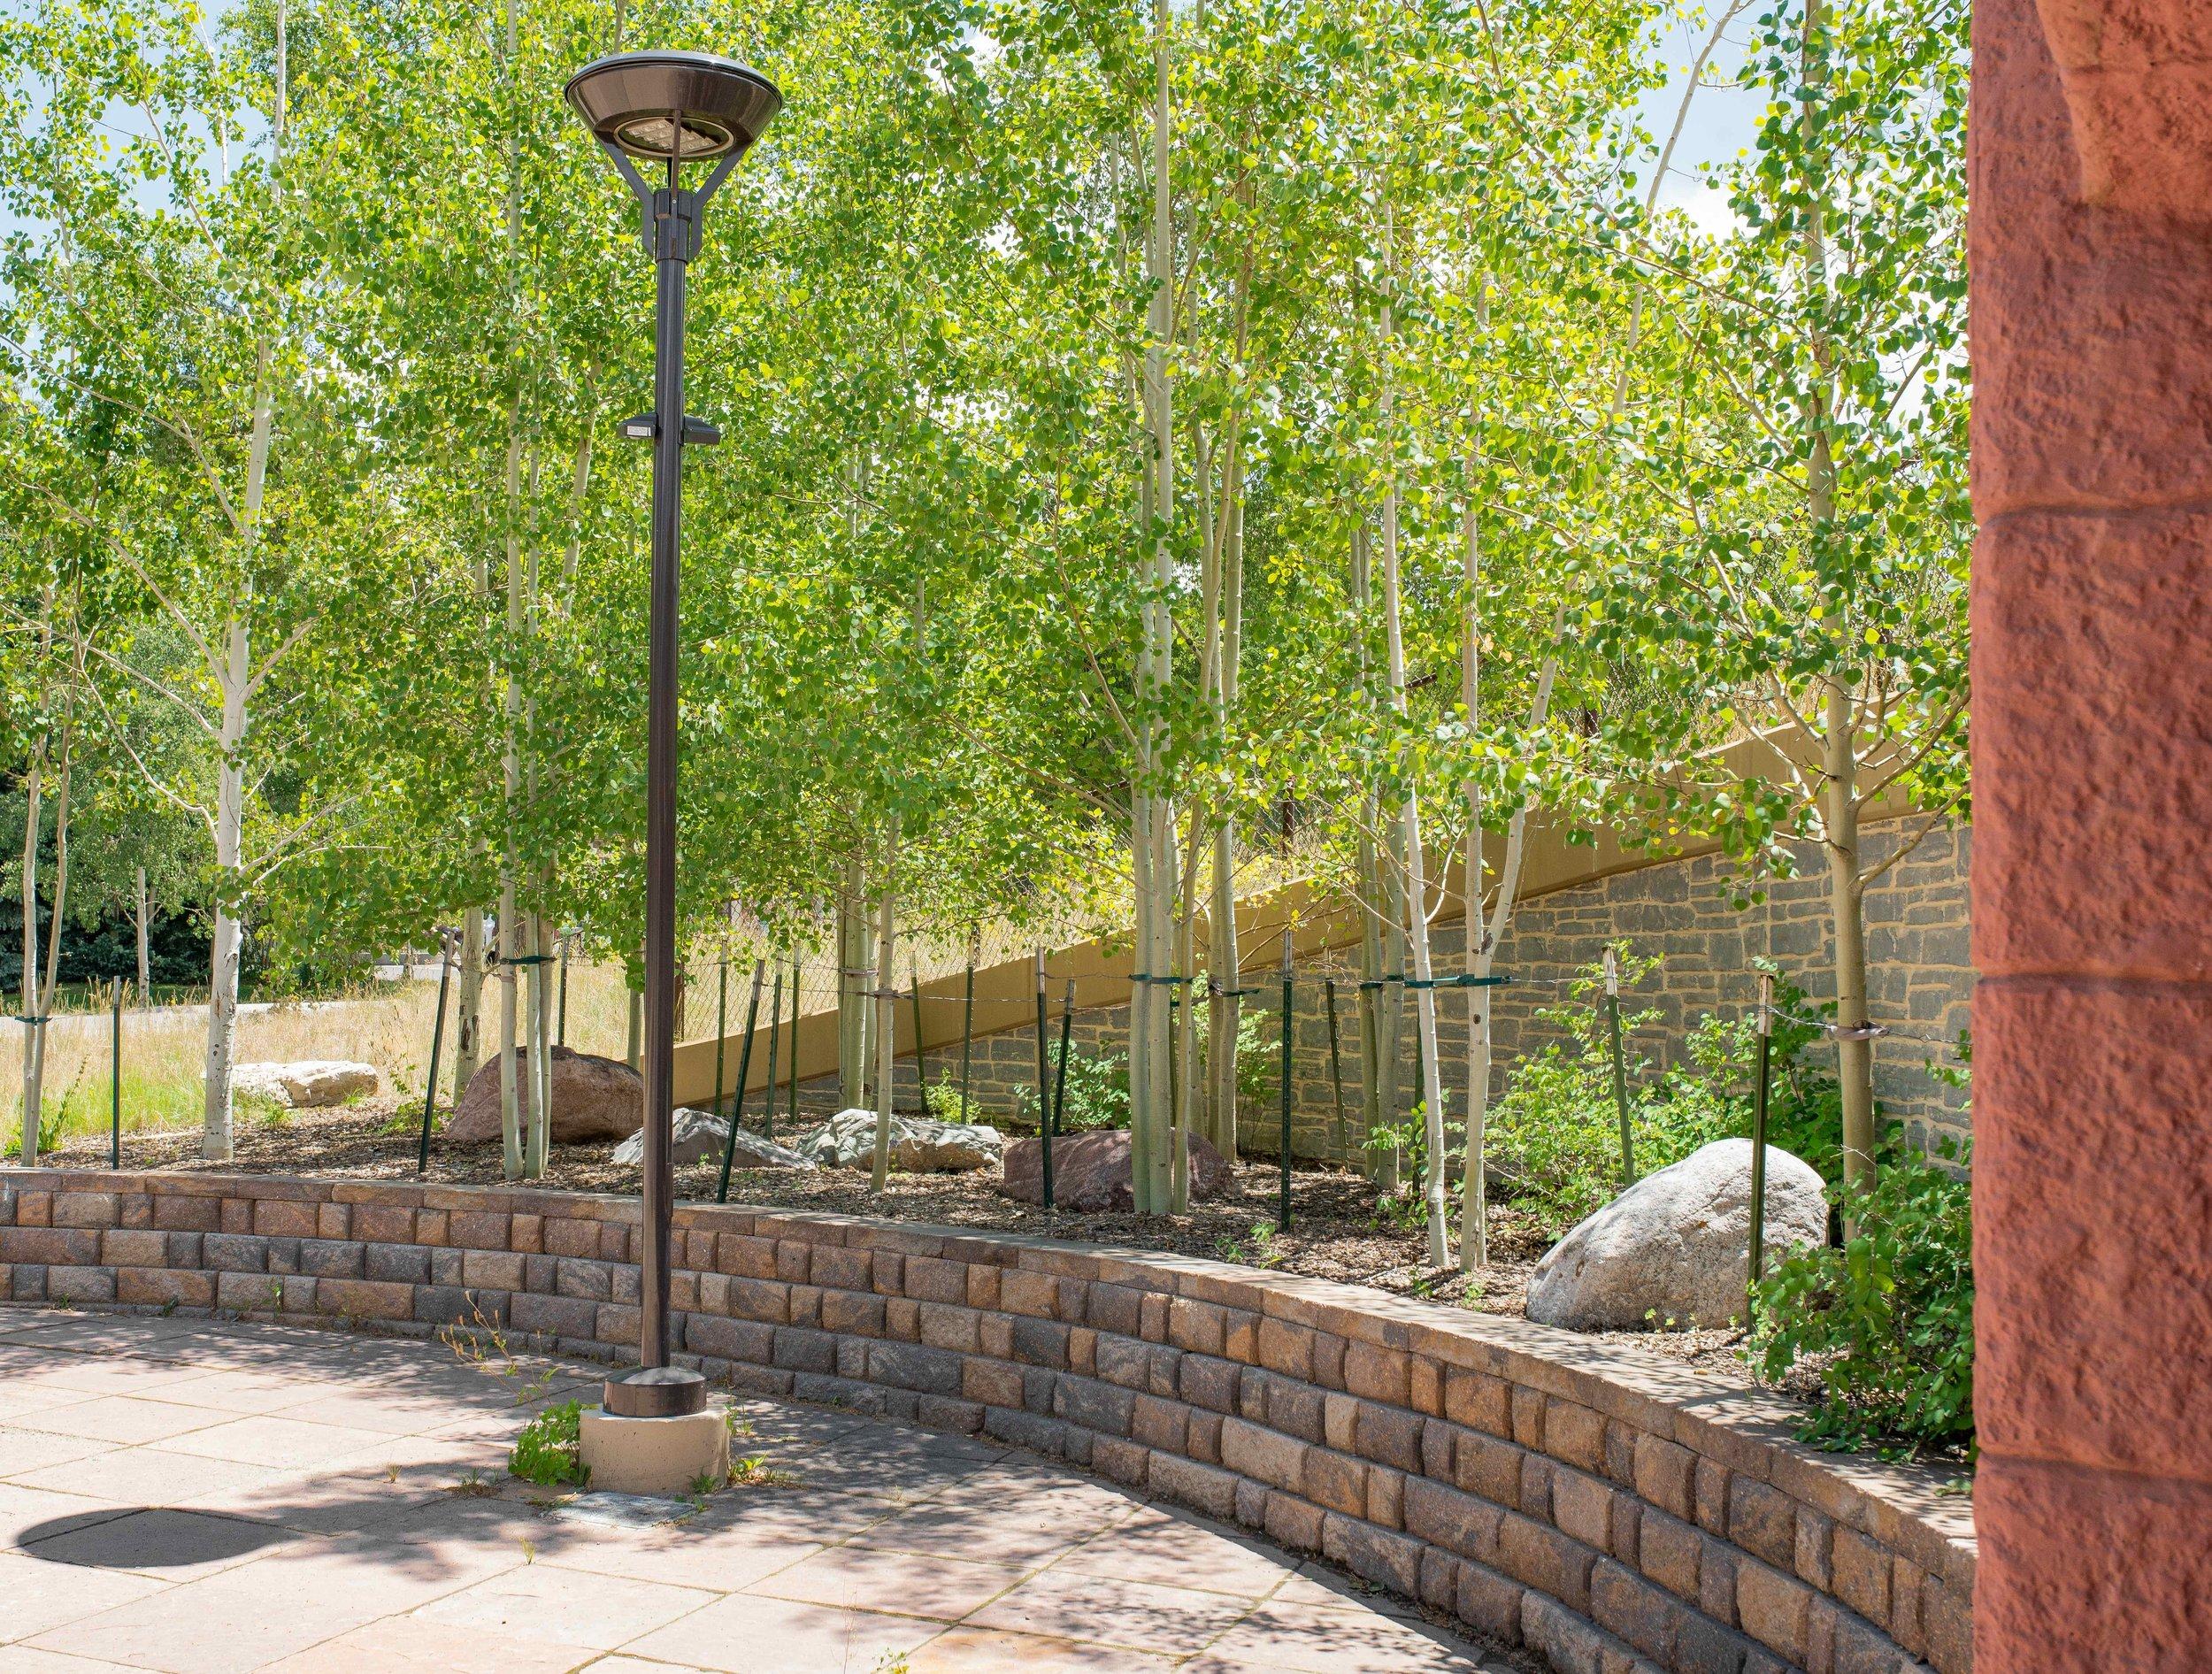 Public Landscape Planning